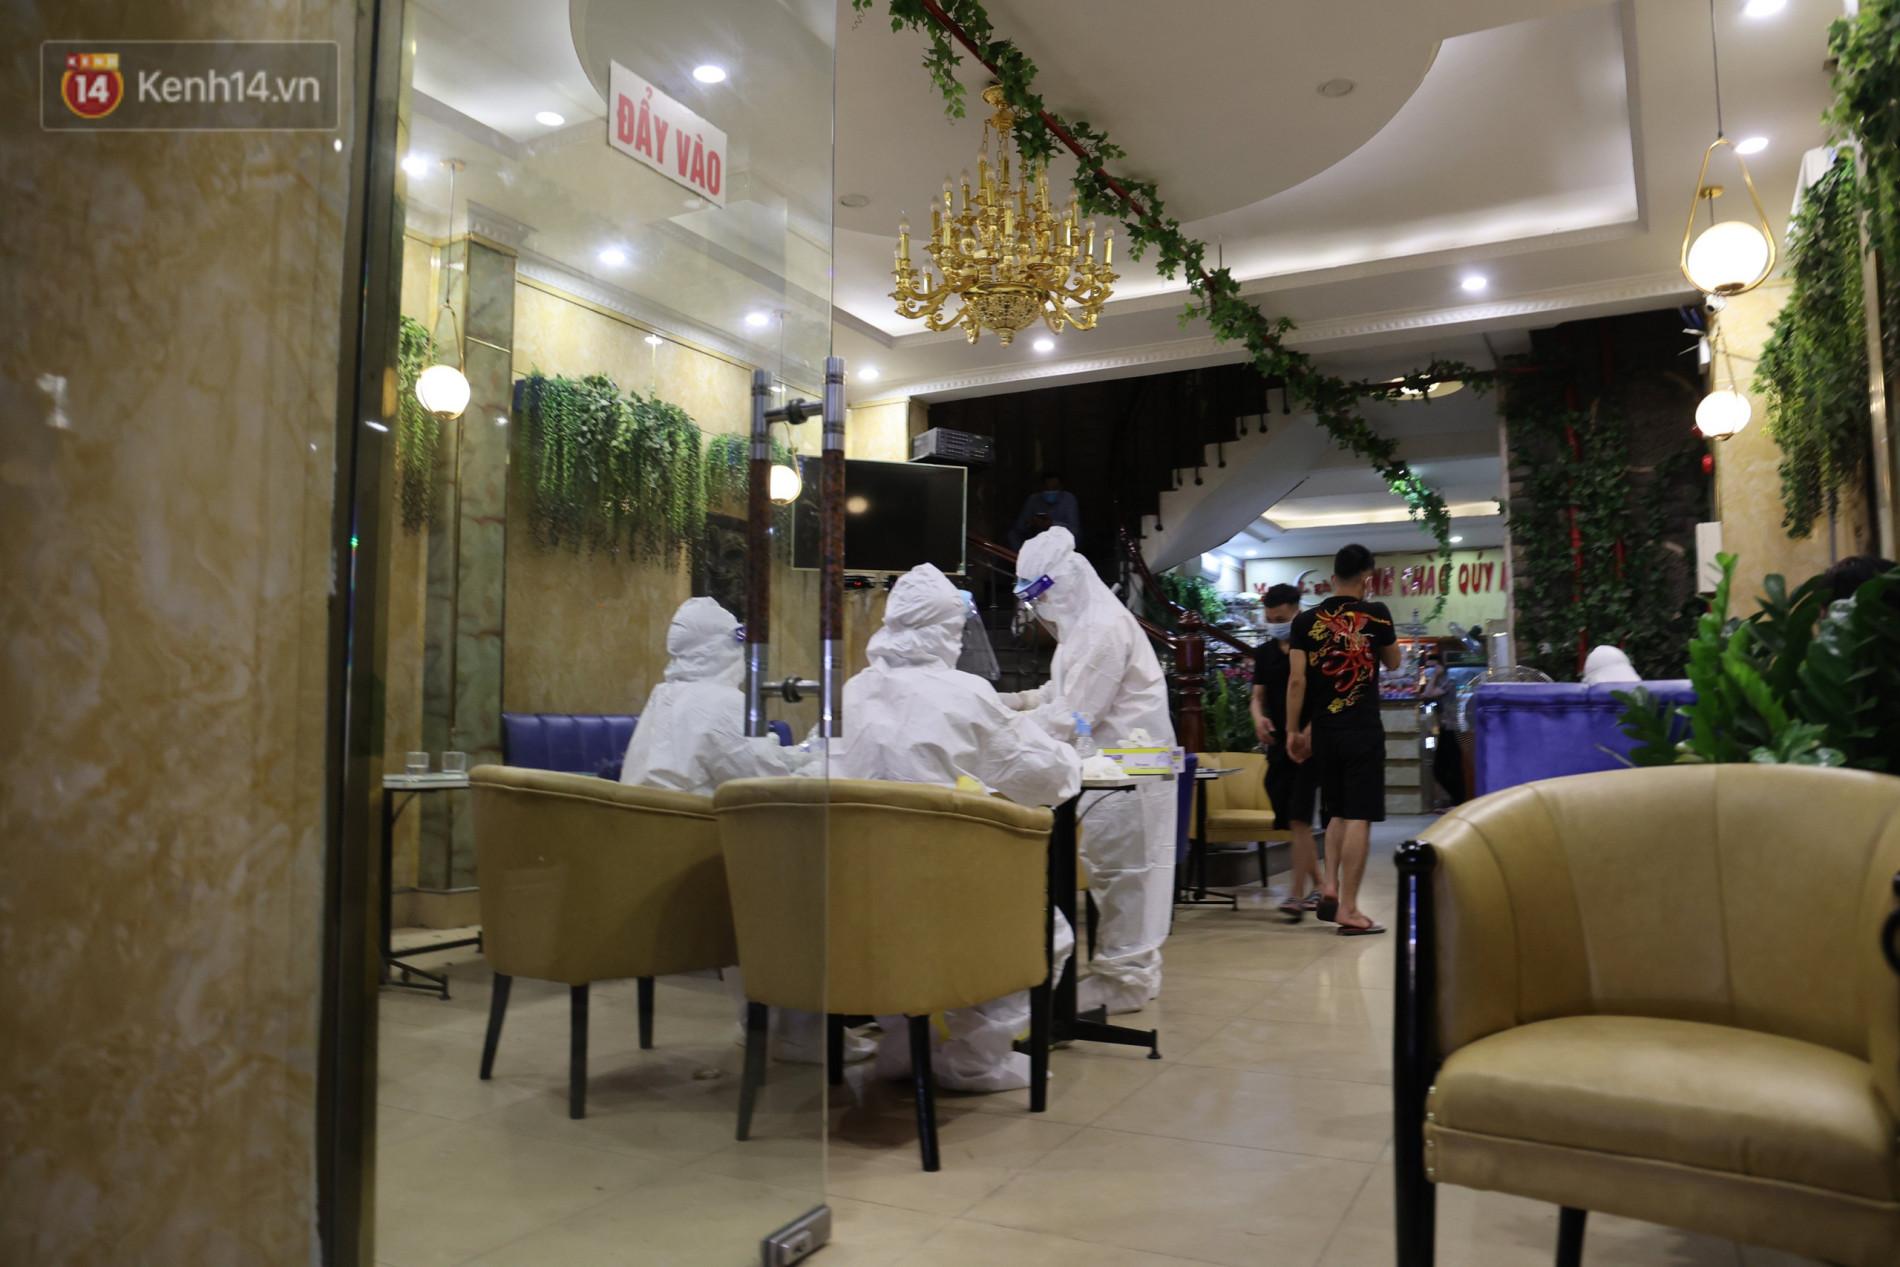 Ảnh: Lấy mẫu xét nghiệm nhân viên, phun khử khuẩn quán karaoke nơi nam bác sĩ dương tính với SARS-CoV-2 từng đến - Ảnh 5.